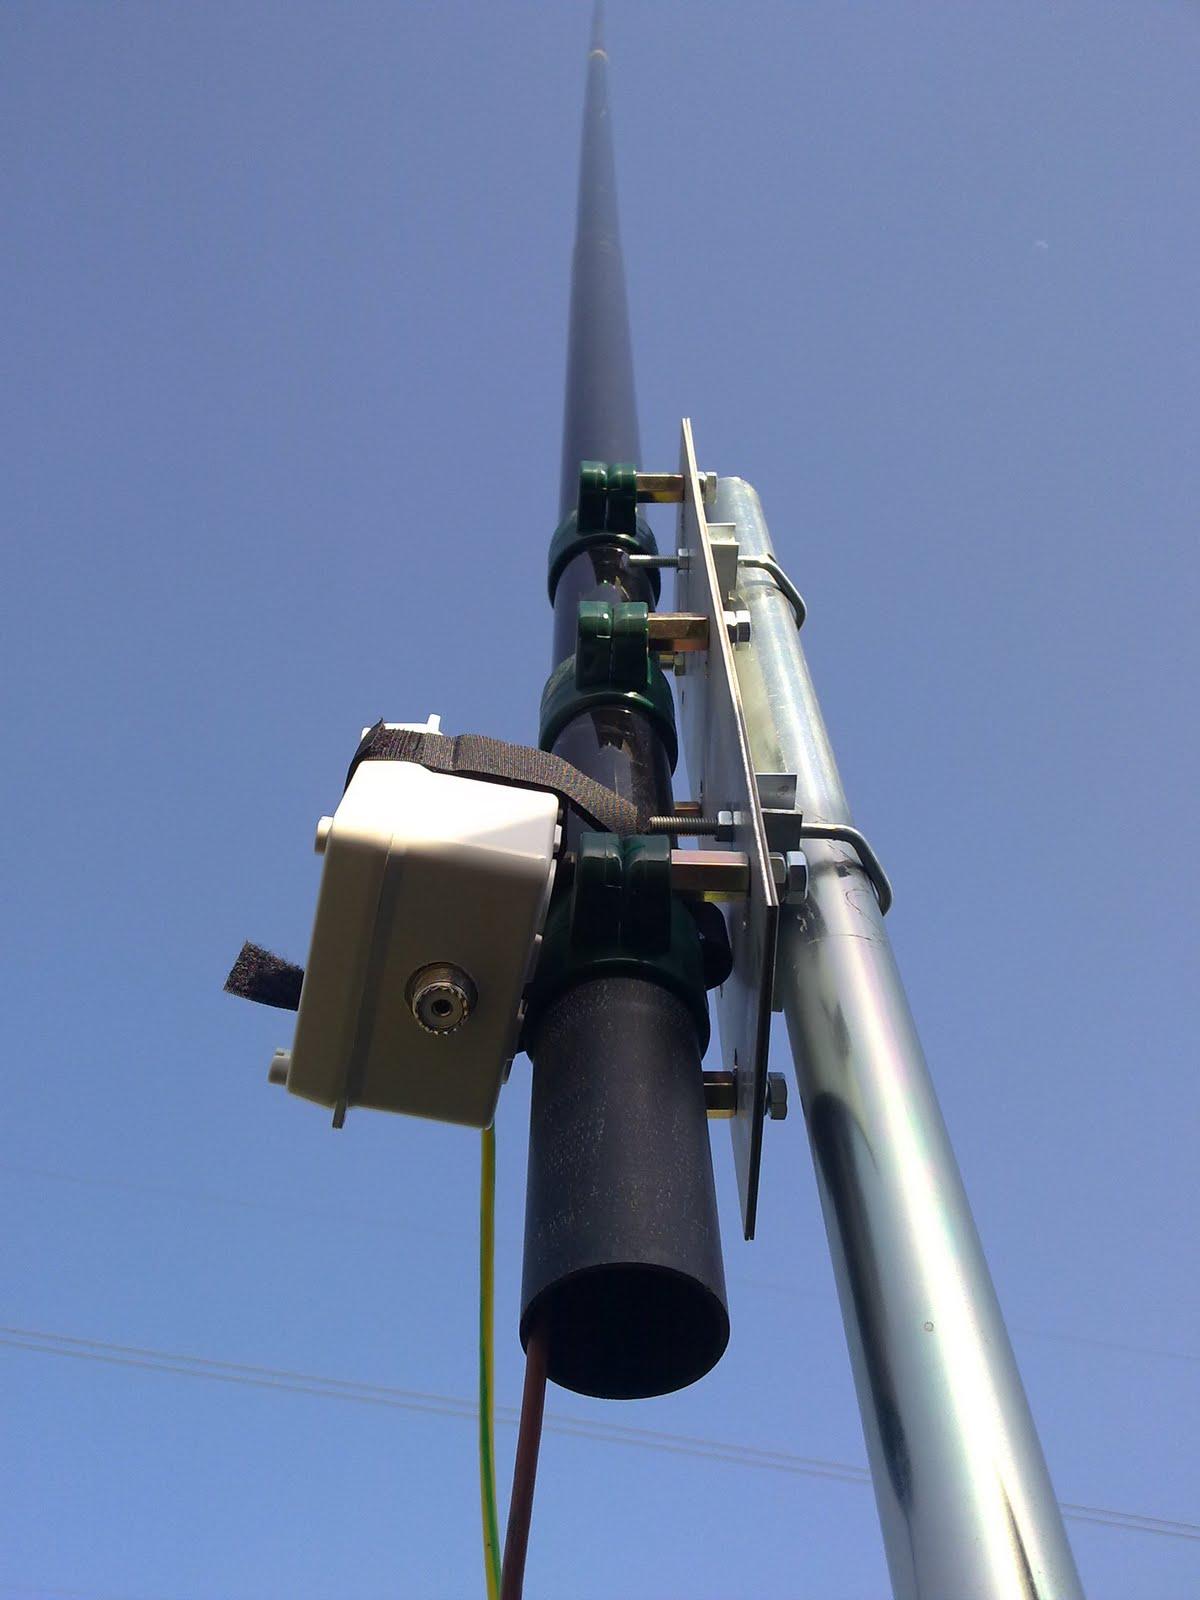 Ea2cmg radioafici n probando el soporte para la antena - Soporte para antena ...